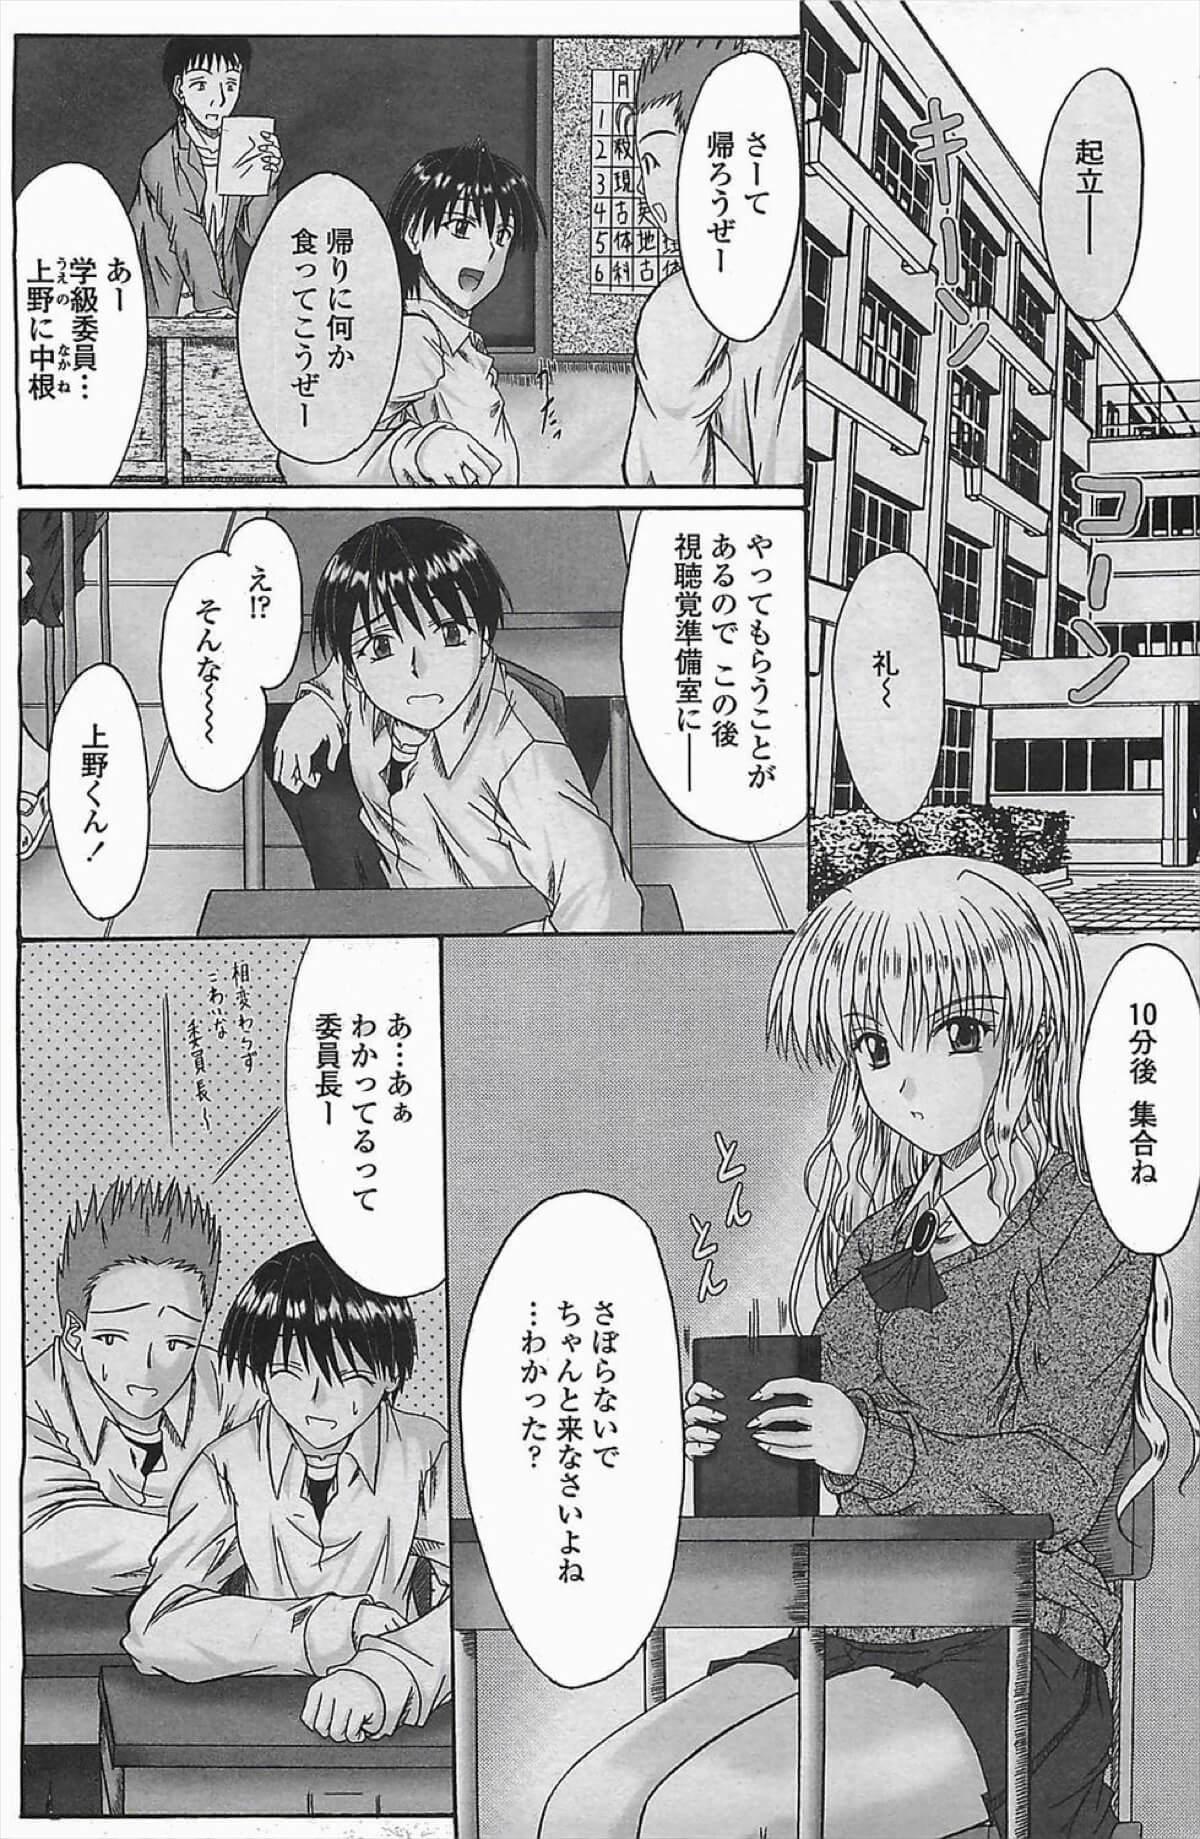 【エロ漫画】巨乳女教師の彼女は男子生徒にピンサロで働いていたことがバレて言いなりになっているw【無料 エロ同人】